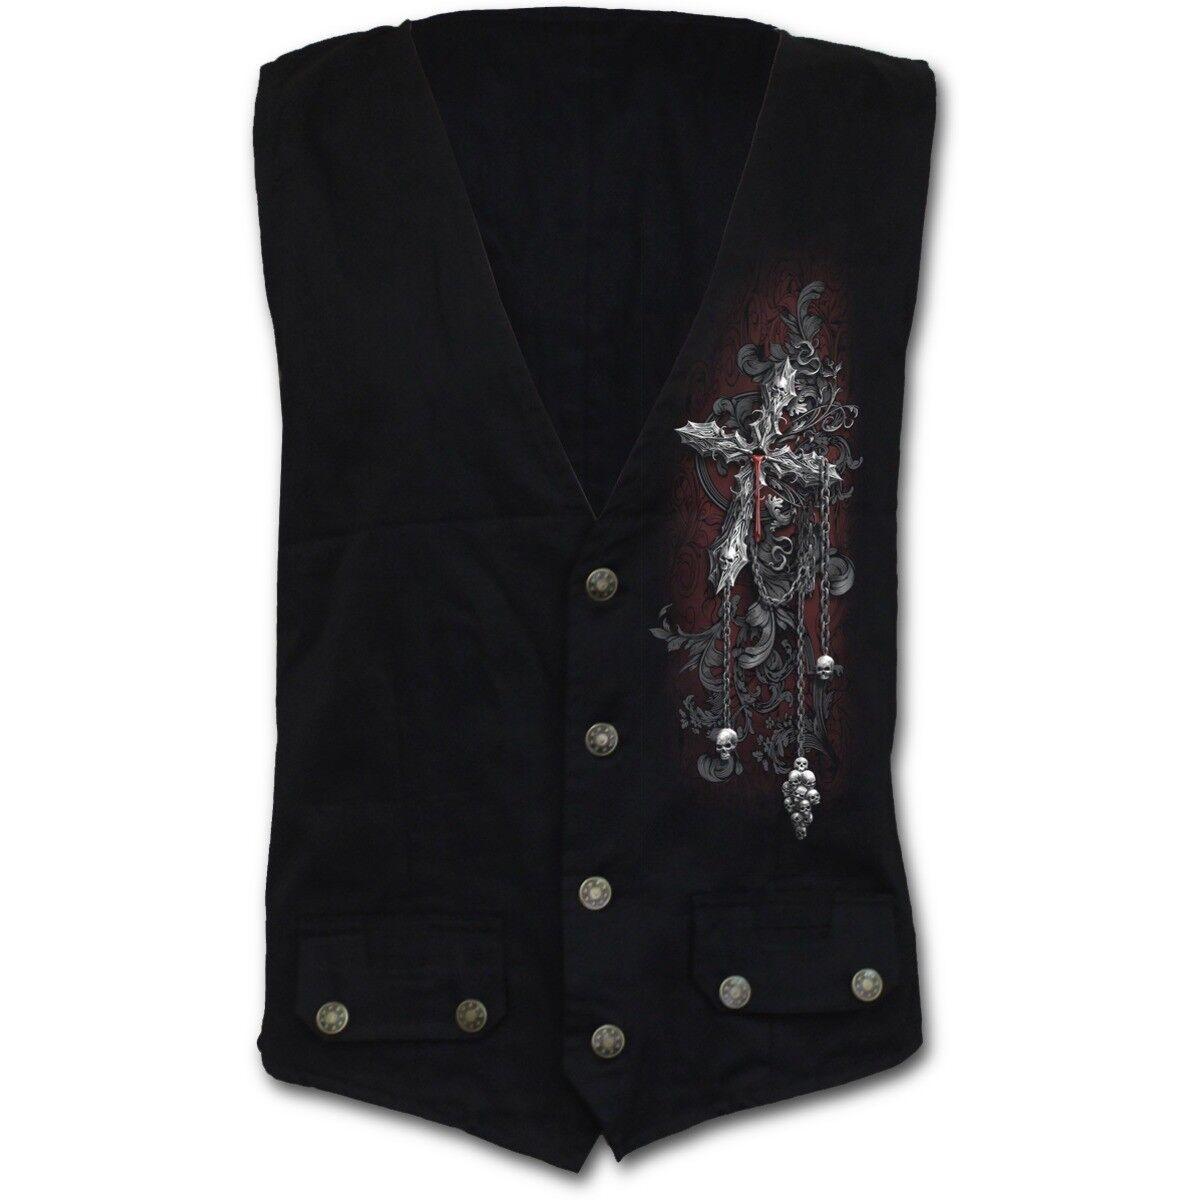 Spiral Direct CROSS OF DARKNESS Gothic Waistcoat Cross Top Tee Skull Biker Metal